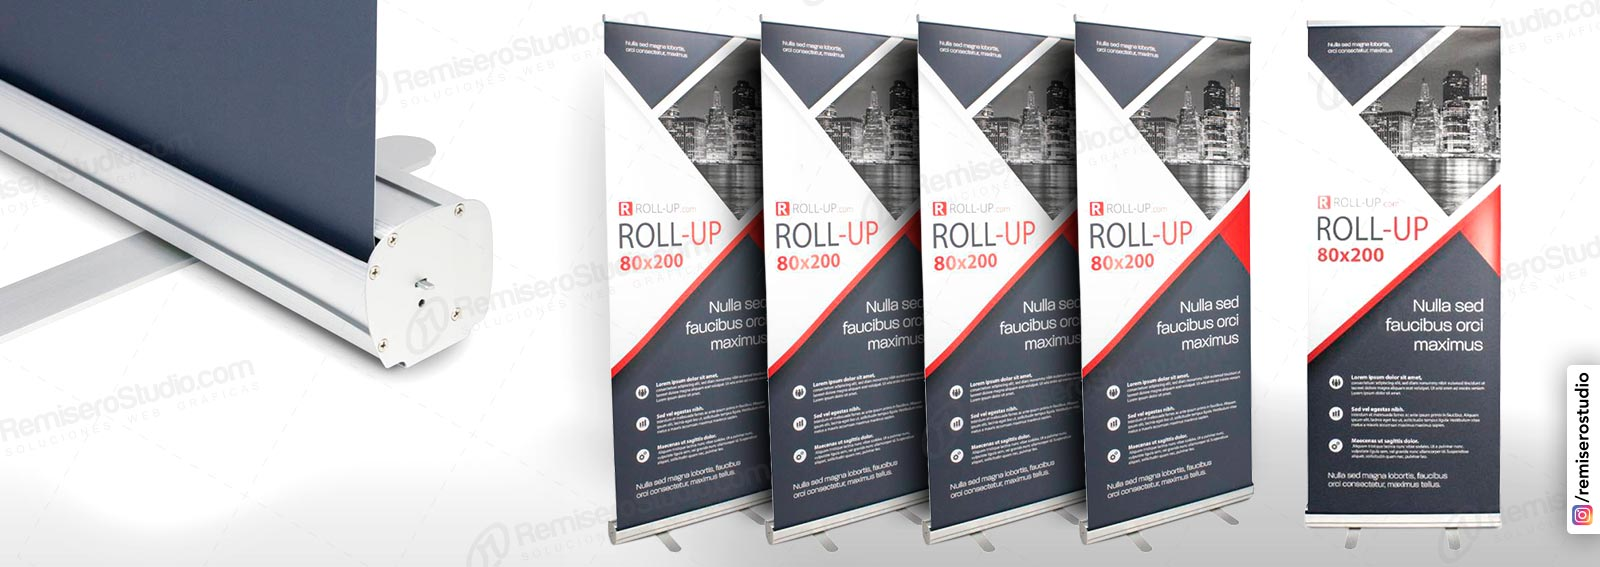 Roll Up banner o Roll Screen de 0.80 x 2.0 metros: Parante publicitario de aluminio para banner impreso a full color en alta resolución: 1440 dpi, incluye maletín